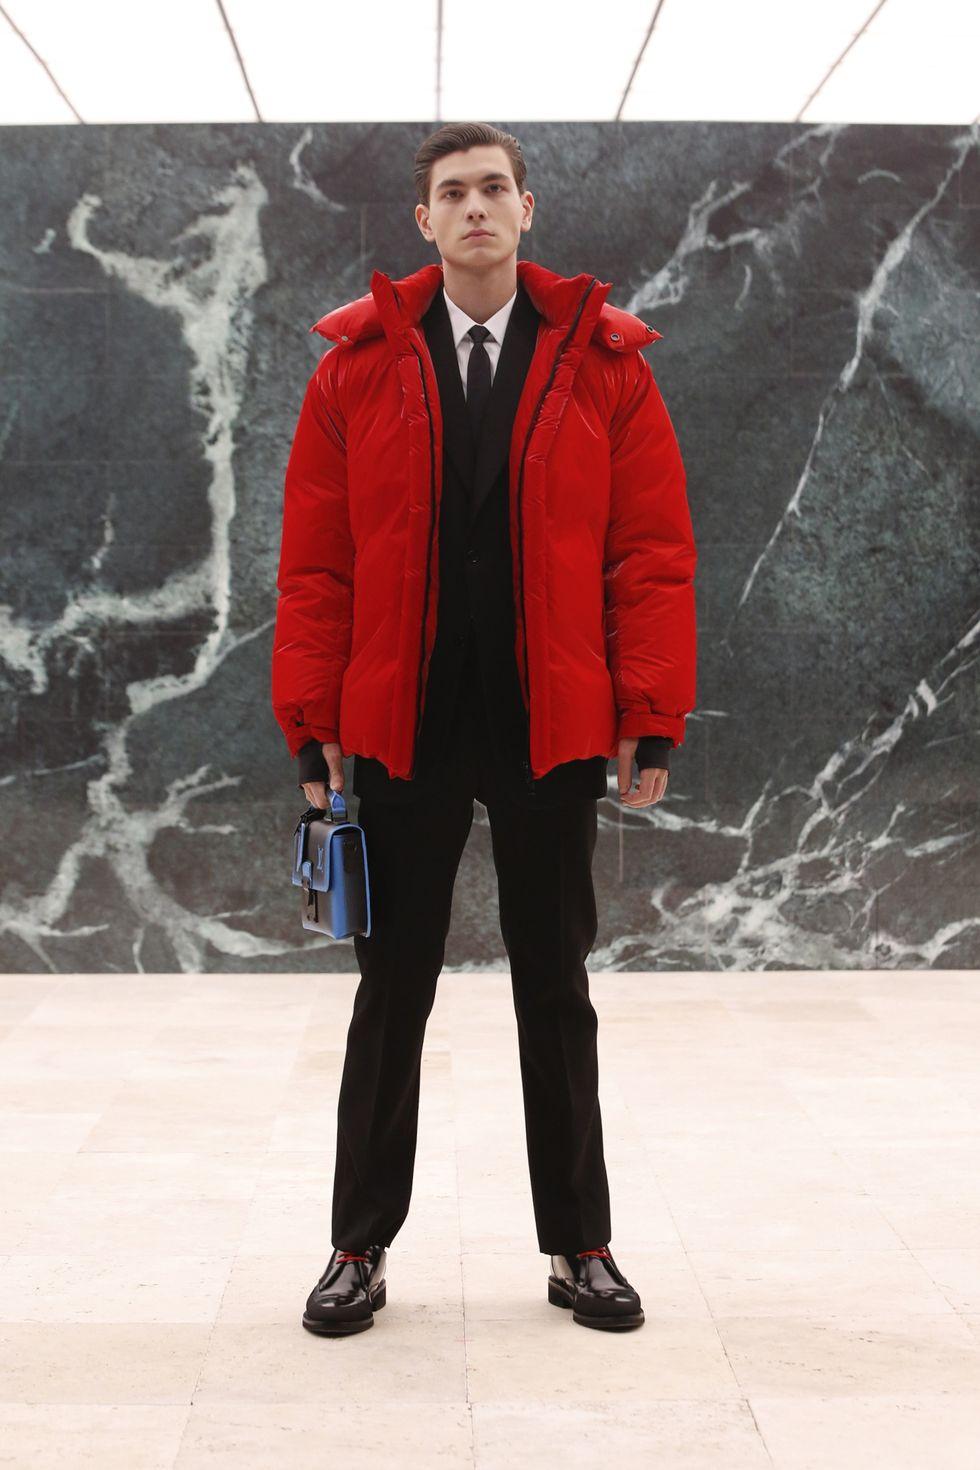 Bộ sưu tập nam giới mùa đông 2021 của Louis Vuitton có gì khiến chúng ta phải trầm trồ? - 3